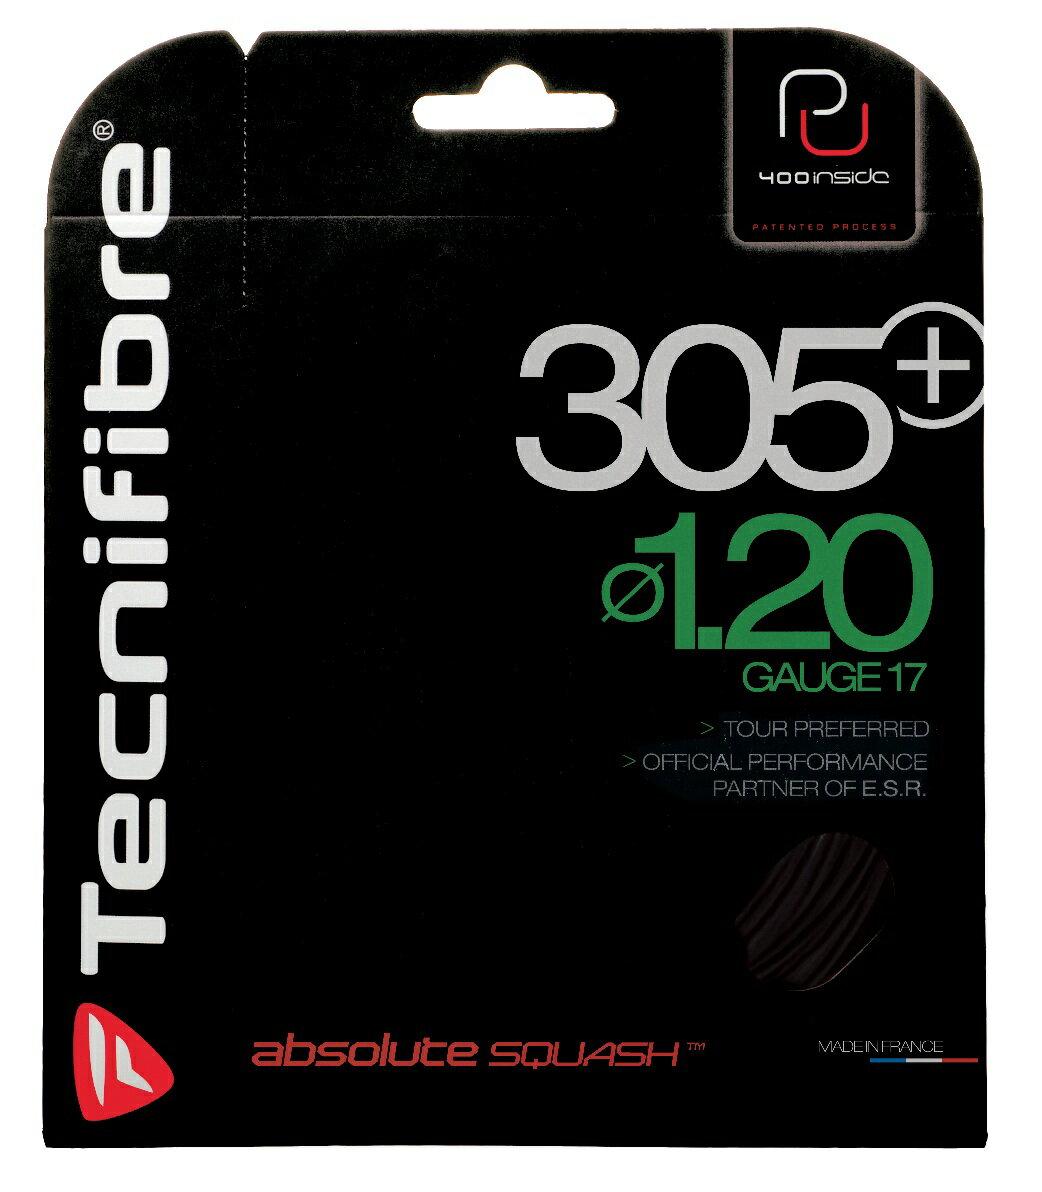 スカッシュ ストリング スカッシュ ガット Tecnifibre(テクニファイバー)スカッシュストリング 305+(φ1.20)ブラック【あす楽対応】【DM便発送可】